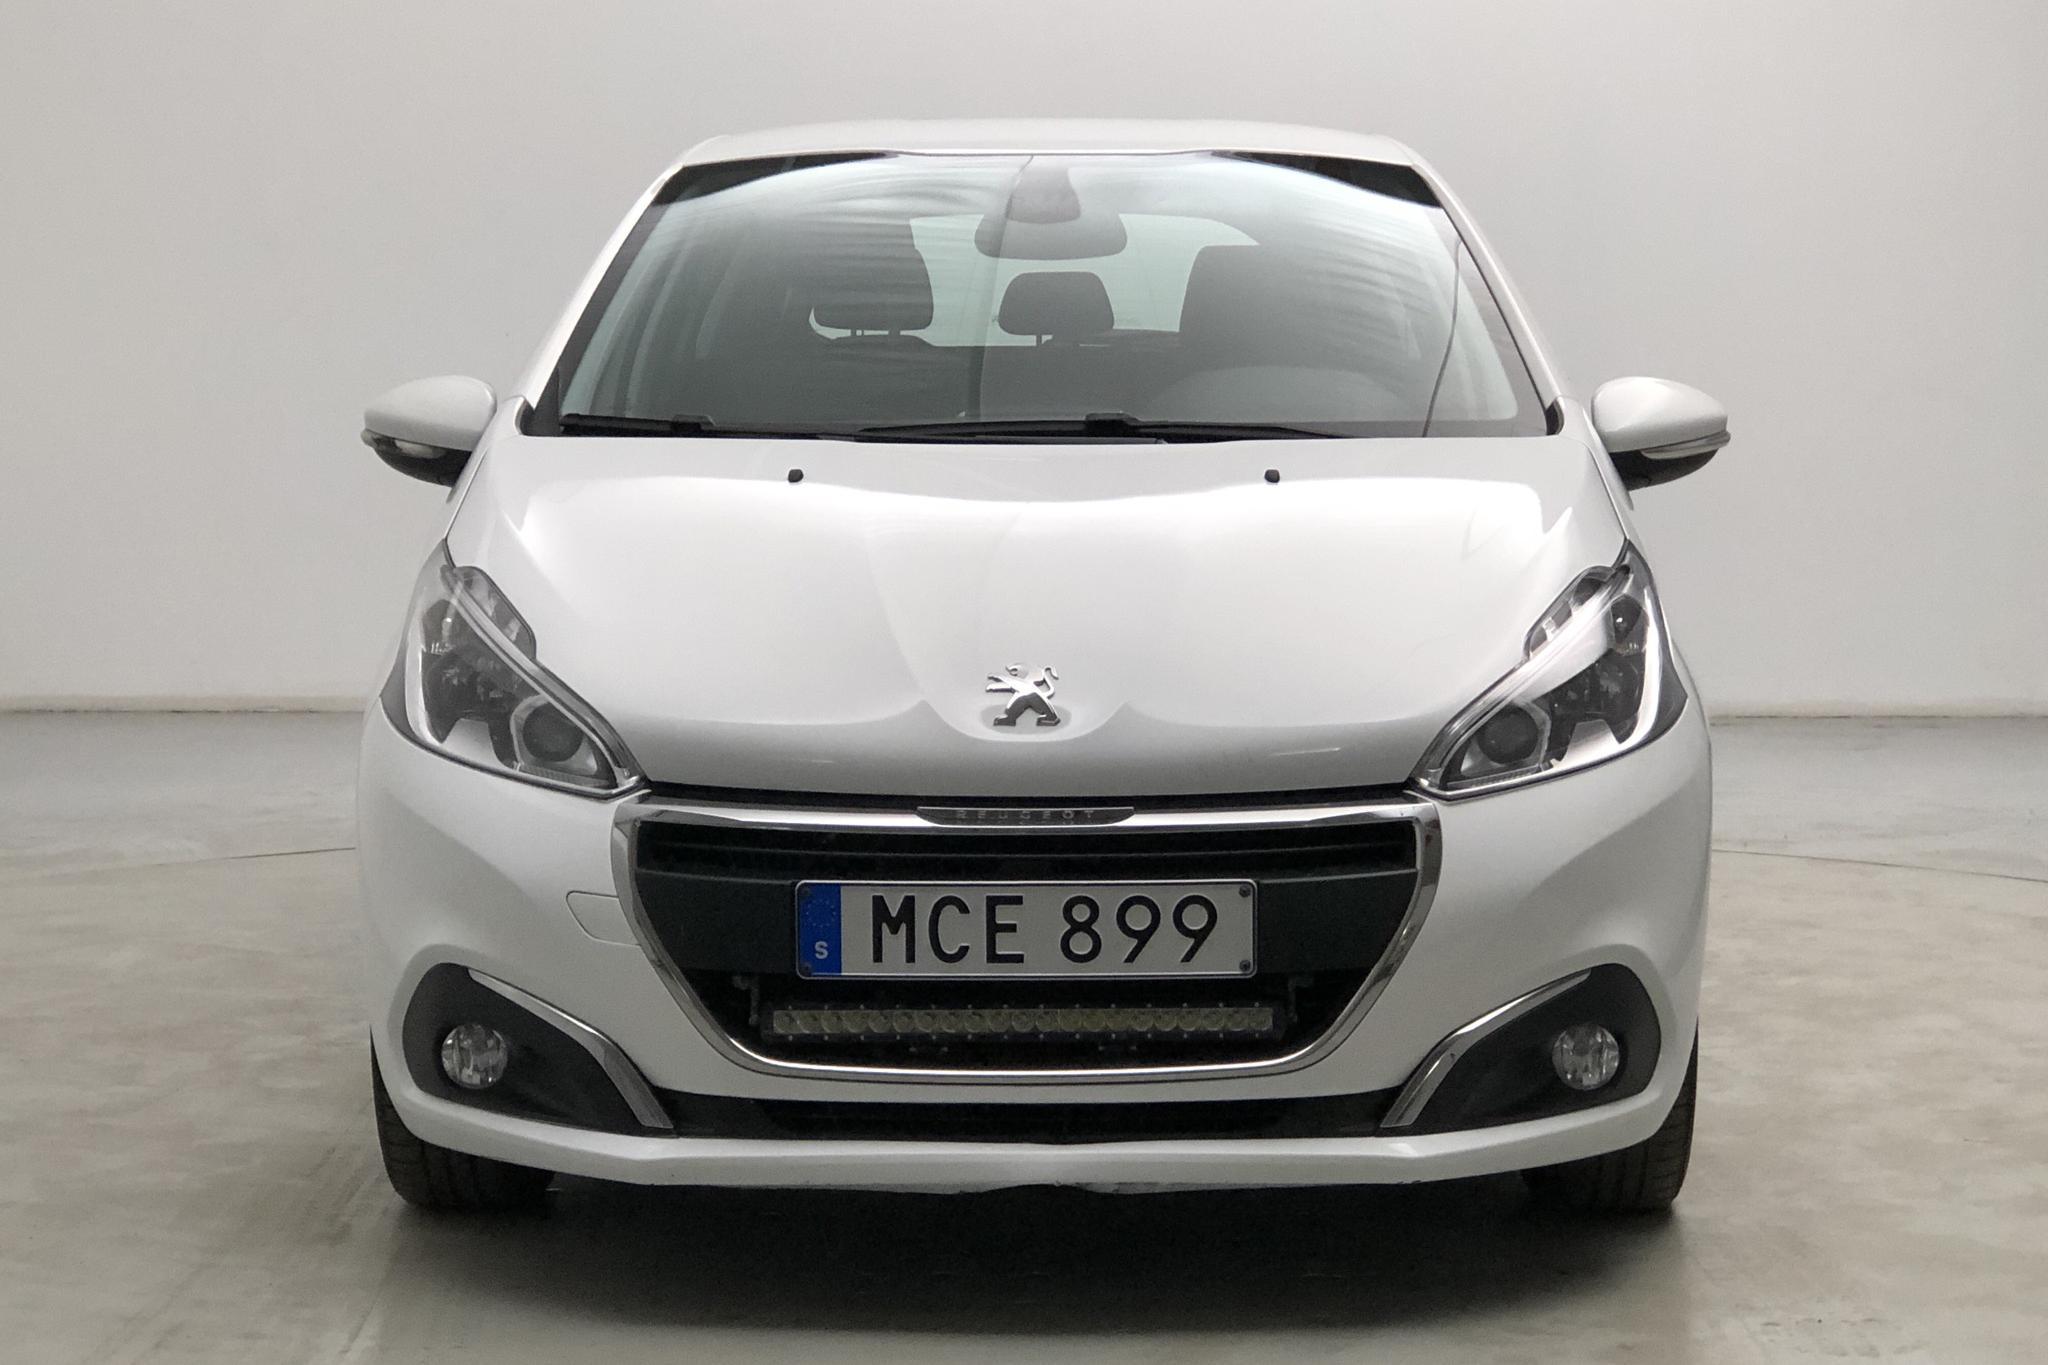 Peugeot 208 BlueHDi 5dr (100hk) - 9 993 mil - Manuell - vit - 2016